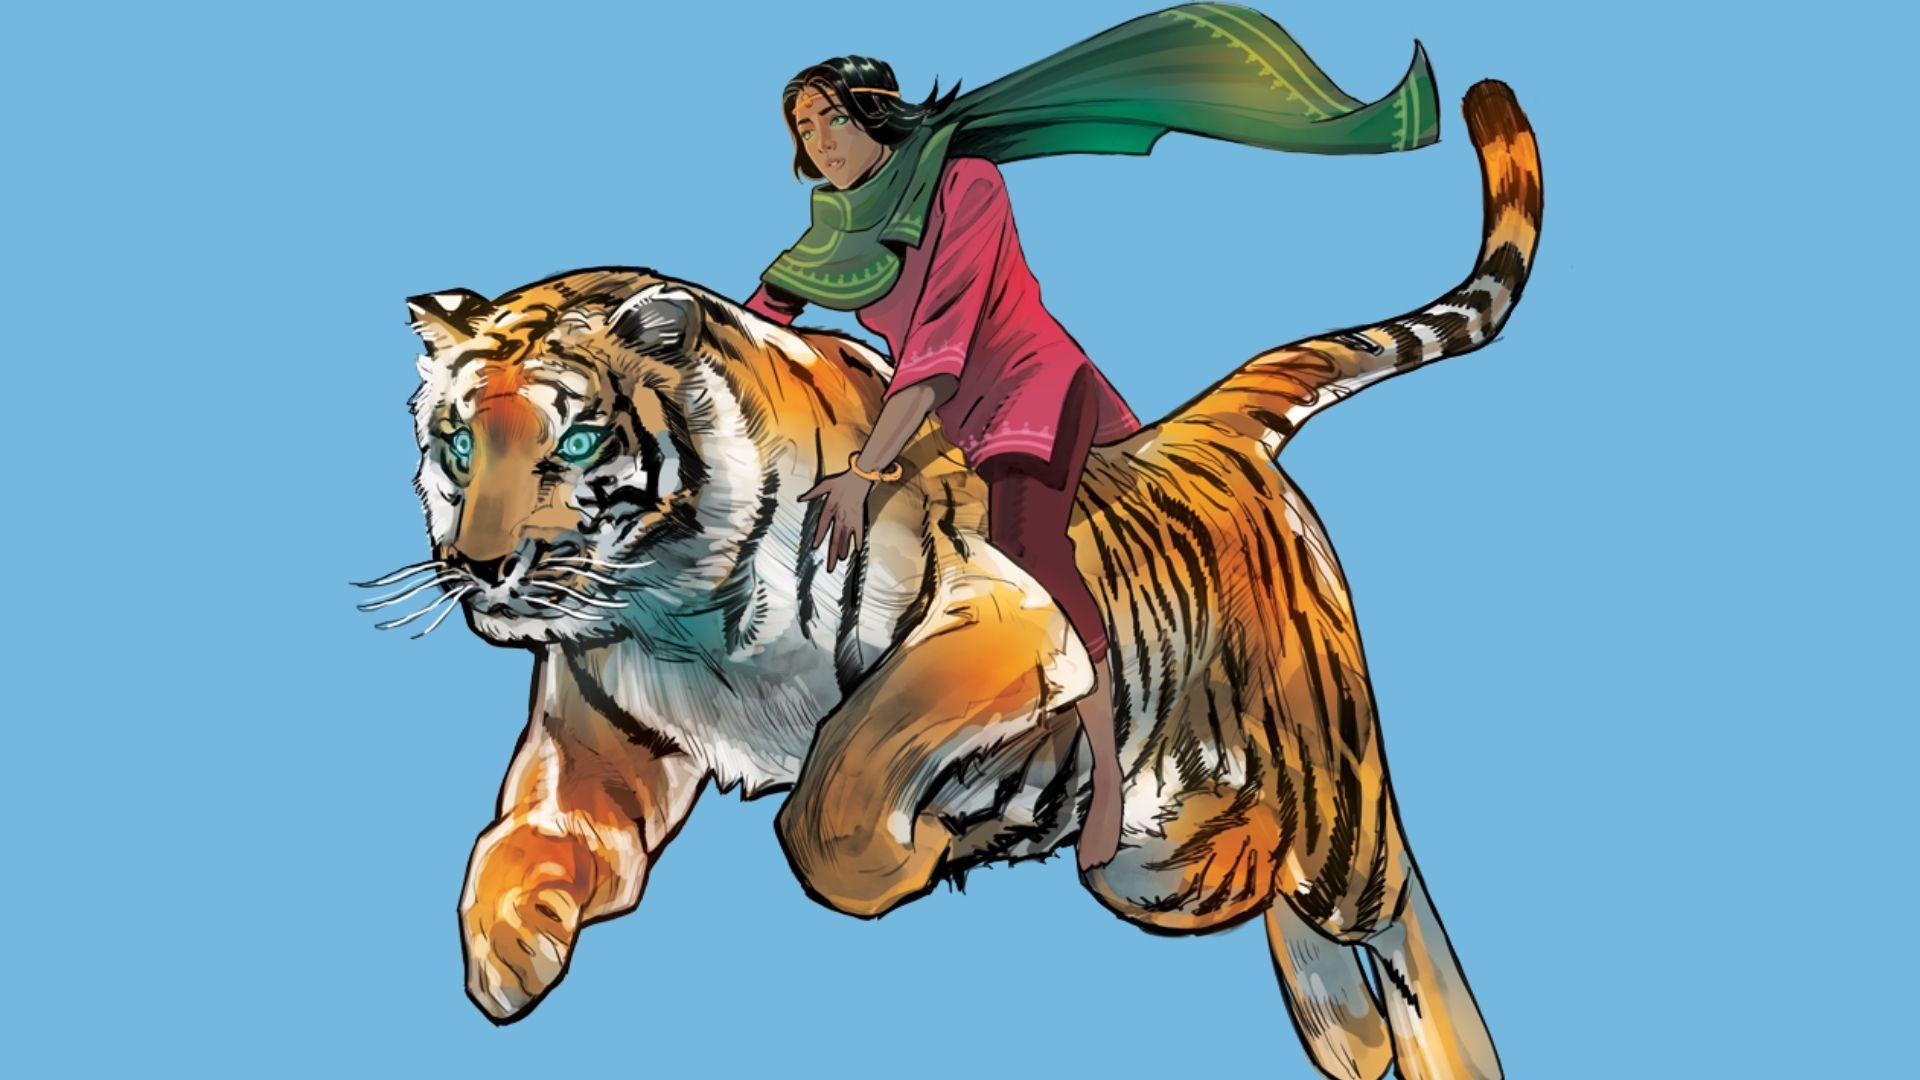 Priya's Shakti Comicheldin für Frauen in Indien